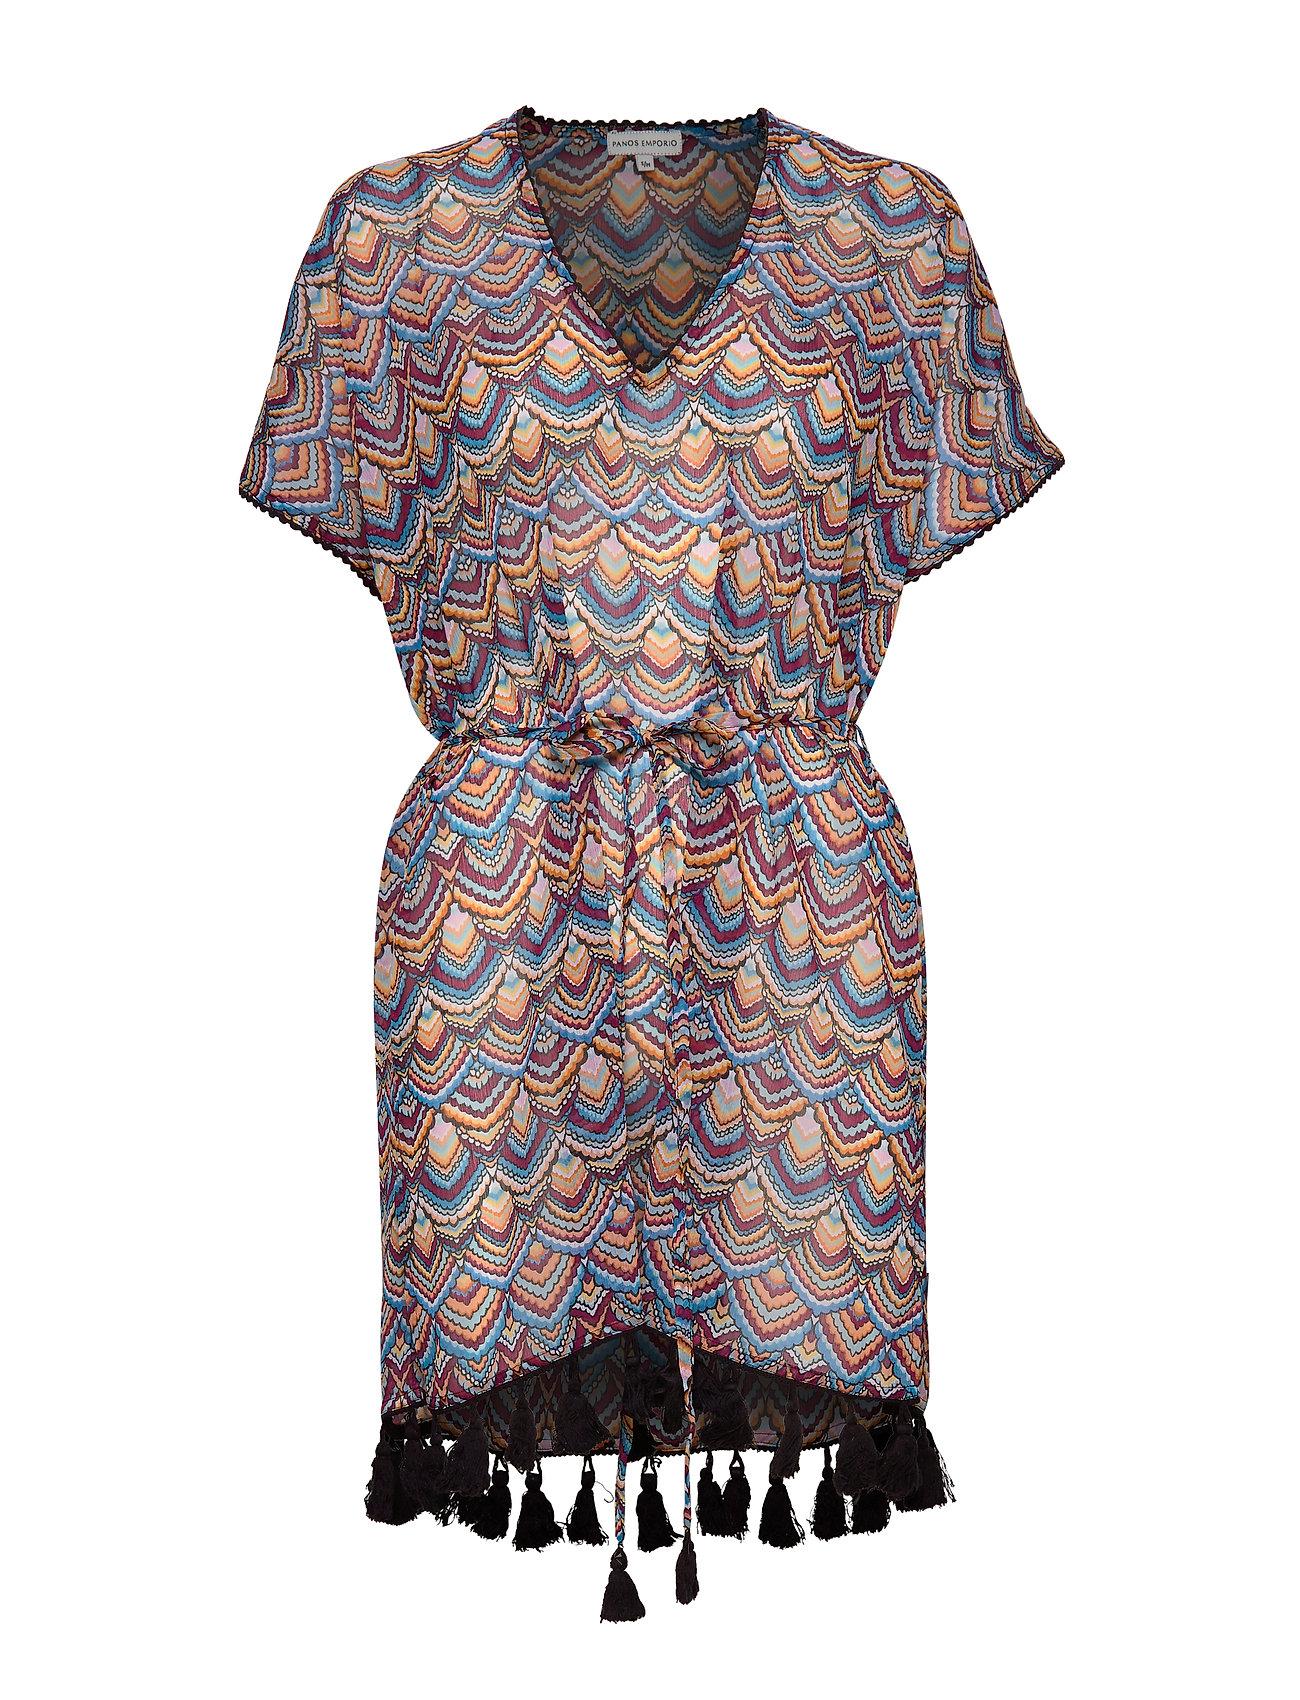 Image of Panos Ethnic Sifnos Dress Badetøj Multi/mønstret Panos Emporio (3362841329)